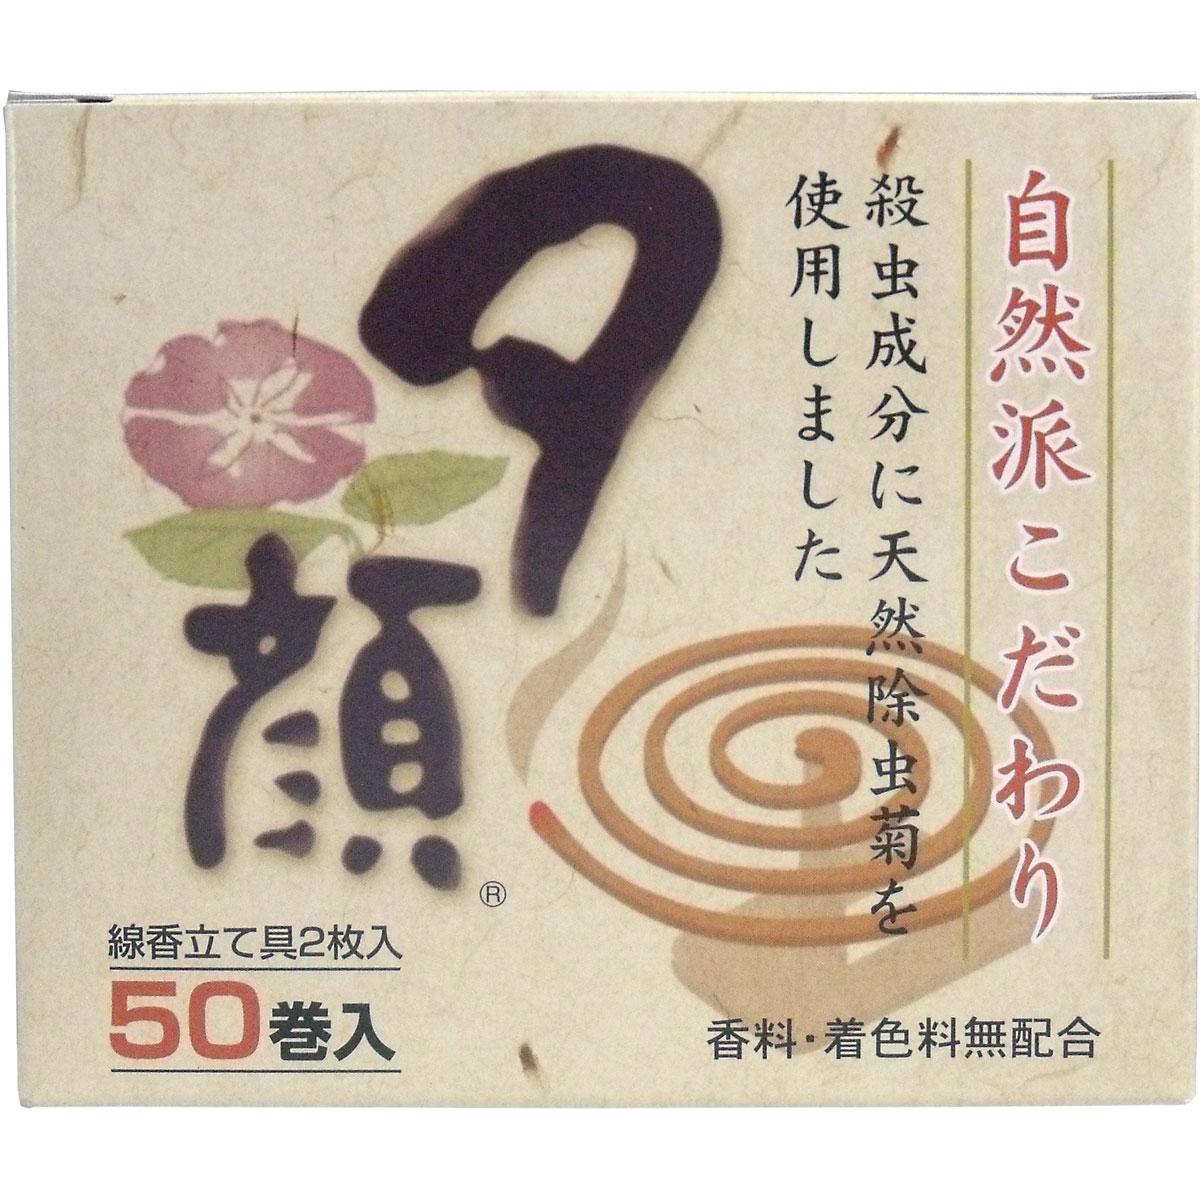 (お買い得16セット)夕顔 天然蚊とり線香 香料・着色料無配合 50巻入